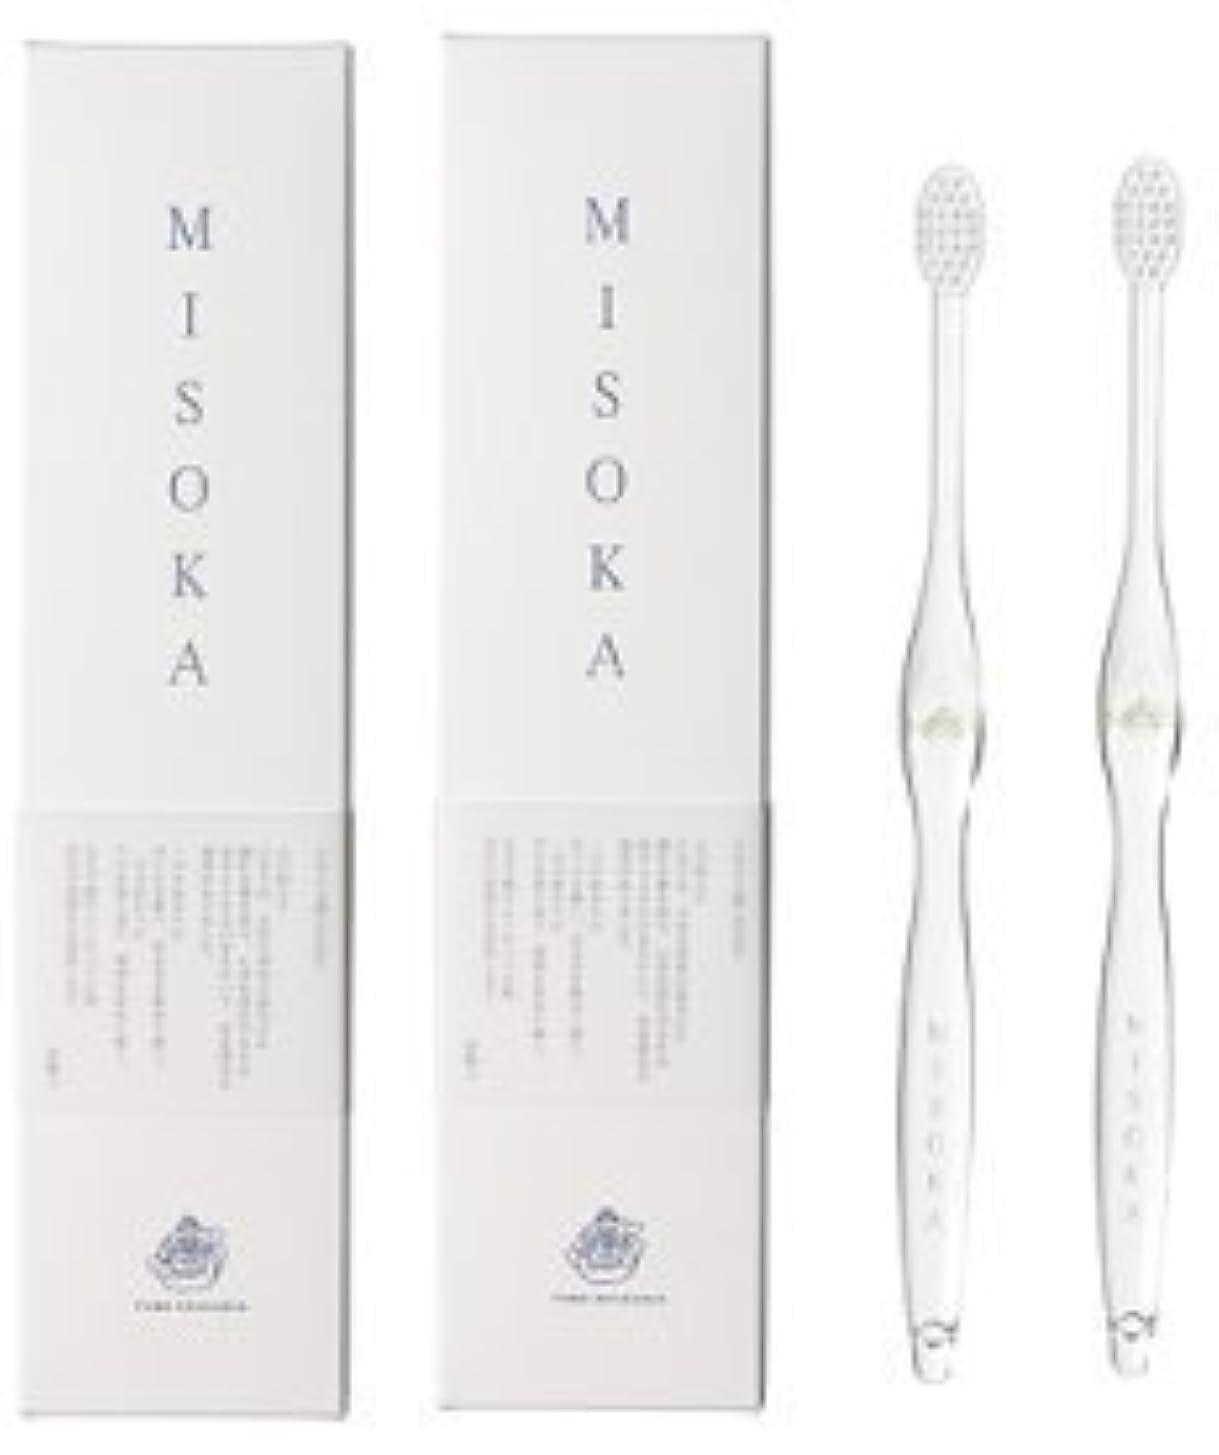 絶妙ボア膜MISOKA(ミソカ) 歯ブラシ 若草色 2本セット